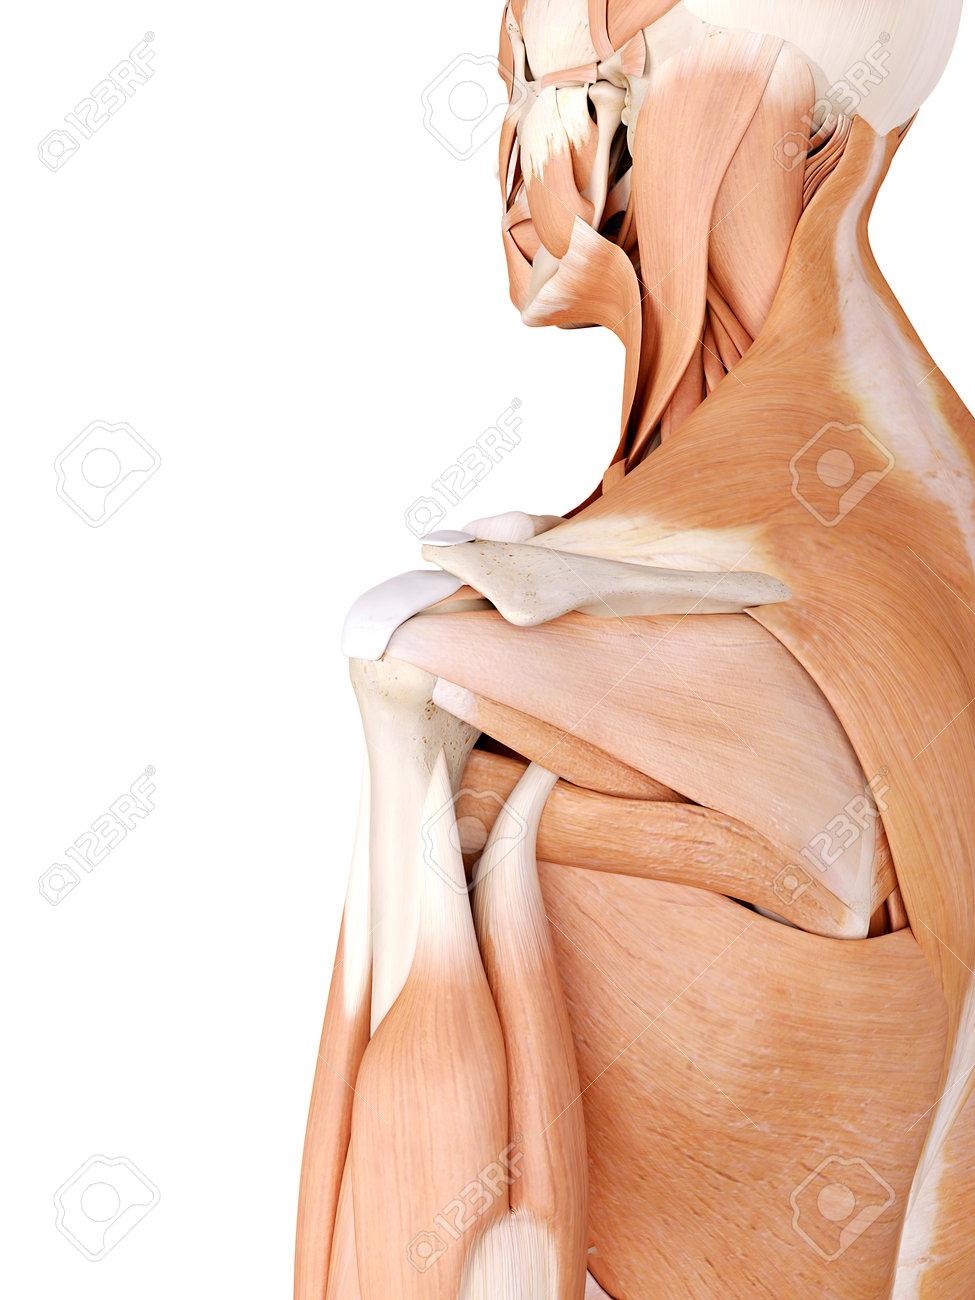 Ilustración De La Anatomía Médicamente Correcta - Músculos Del ...